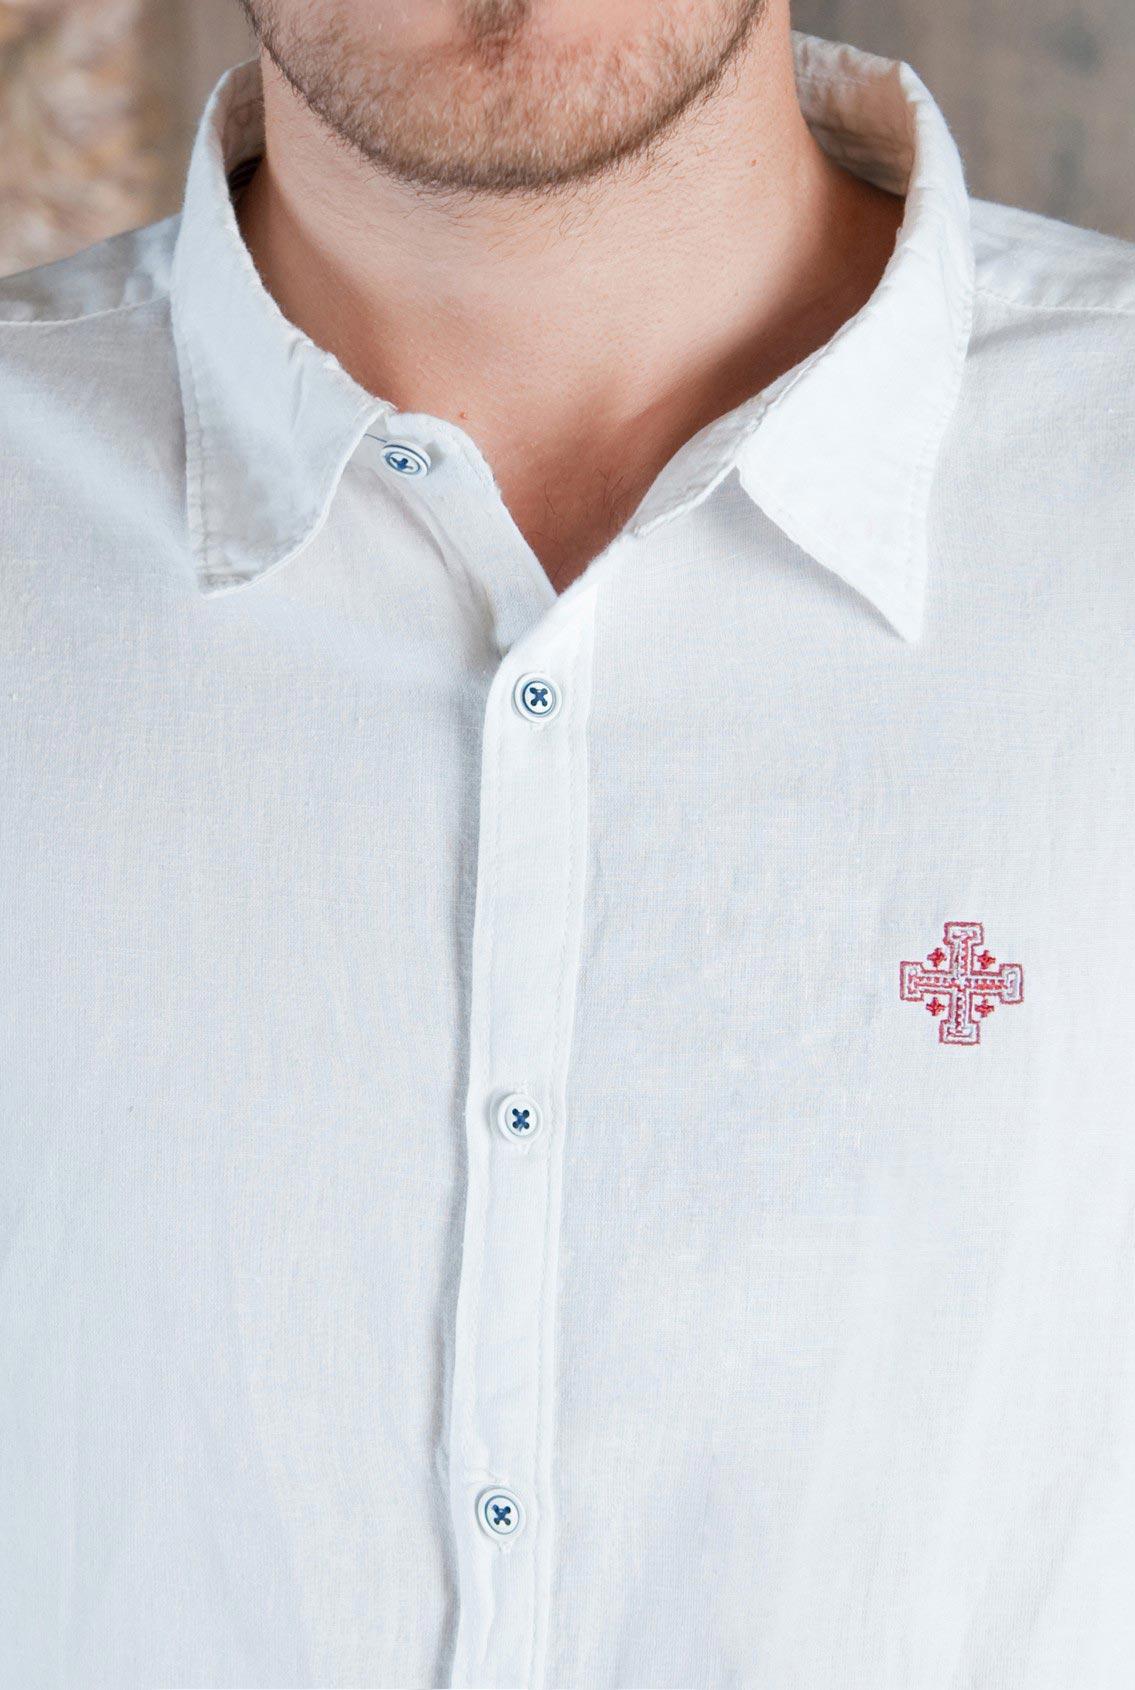 мужская рубашка, men's shirt